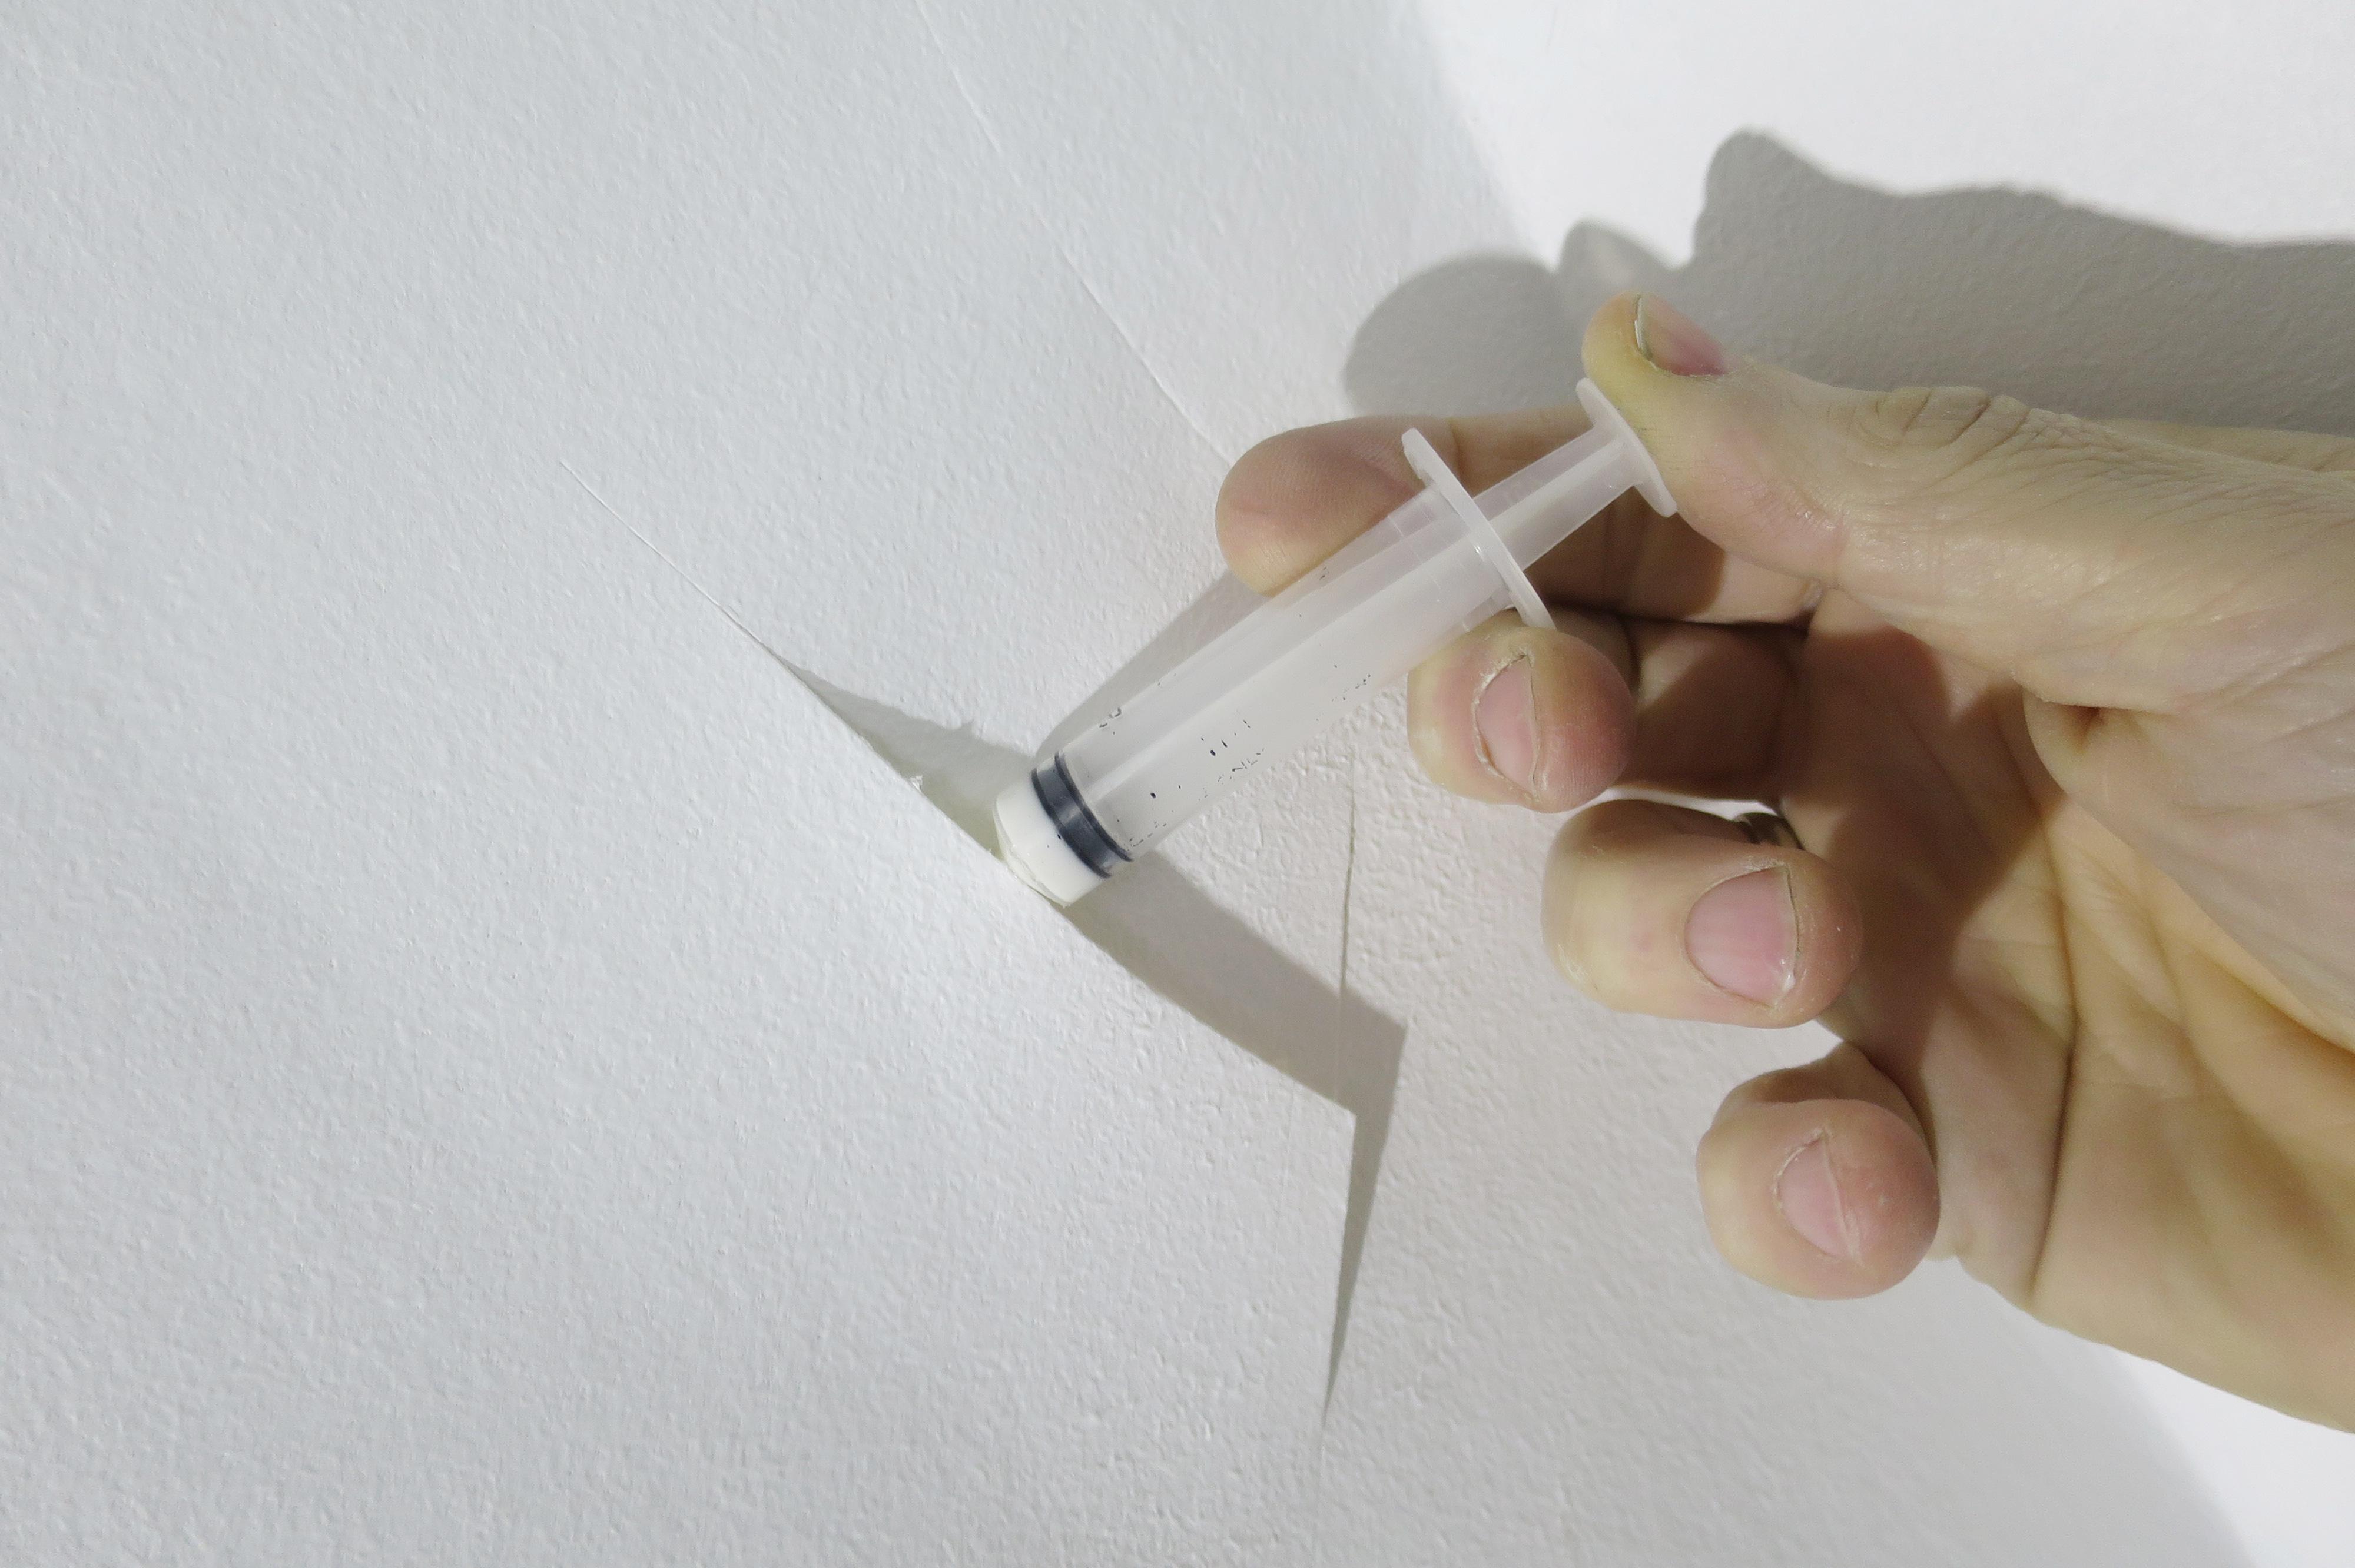 reparation af væg med filt